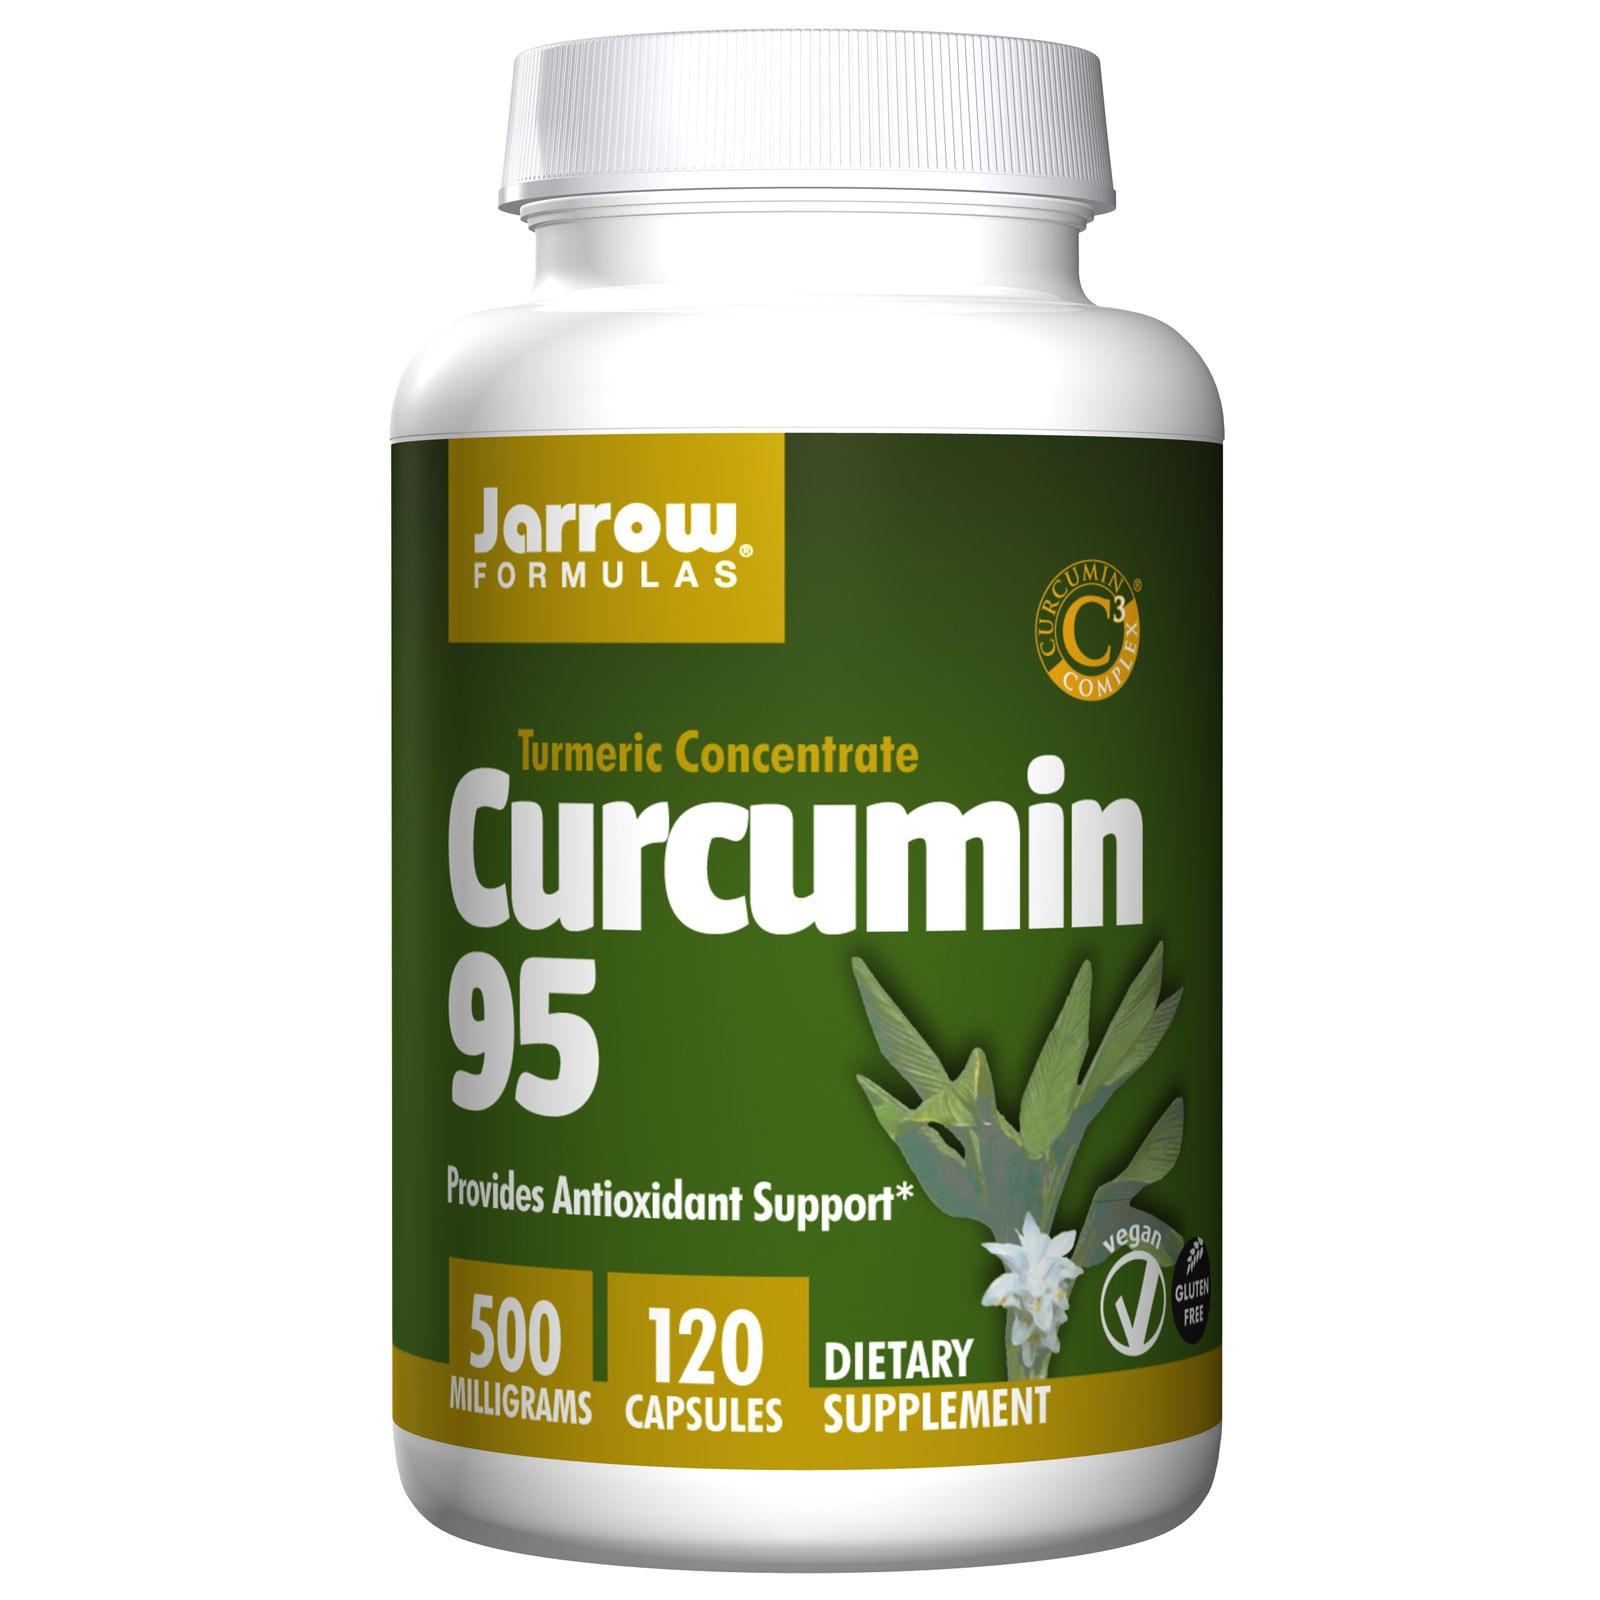 Image of Curcumin 95, 500 mg (120 Veggie Caps) - Jarrow Formulas 0790011140764